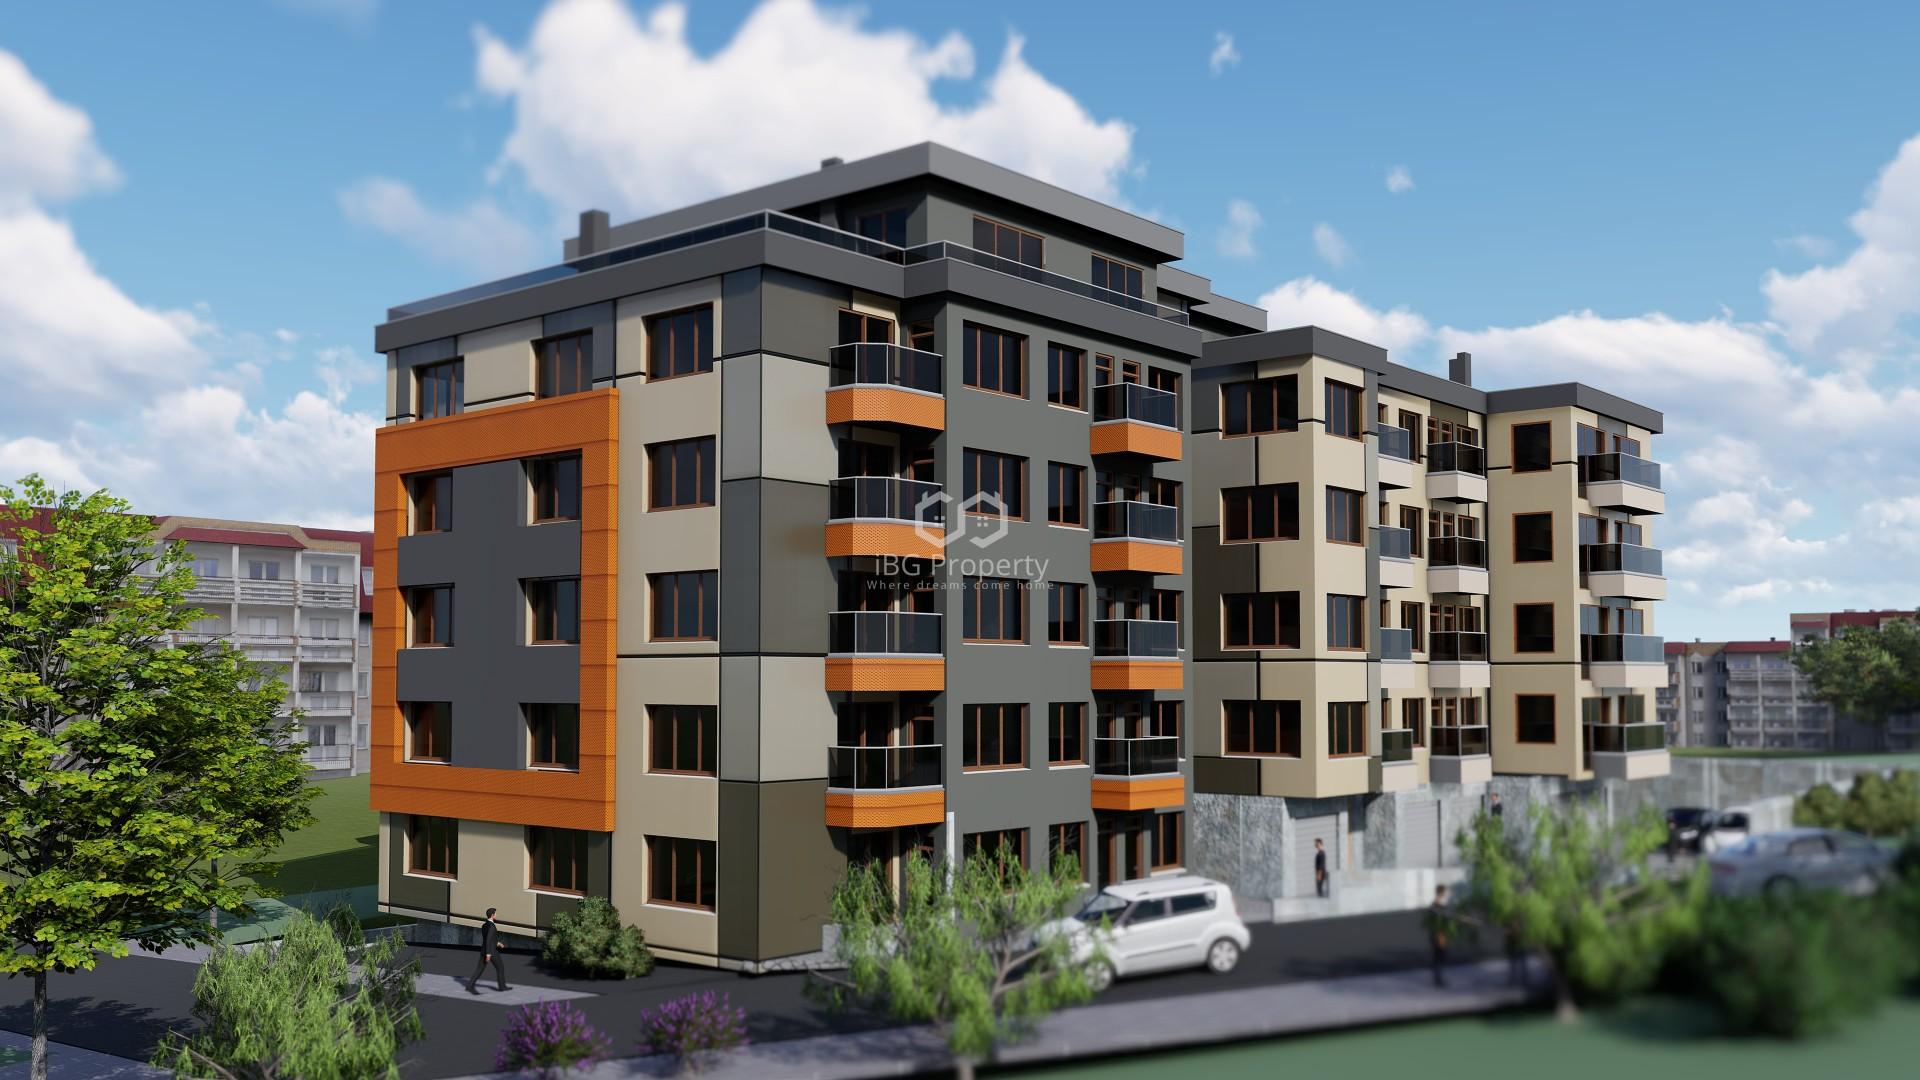 Two bedroom apartment Kaisieva gradina Varna 70 m2